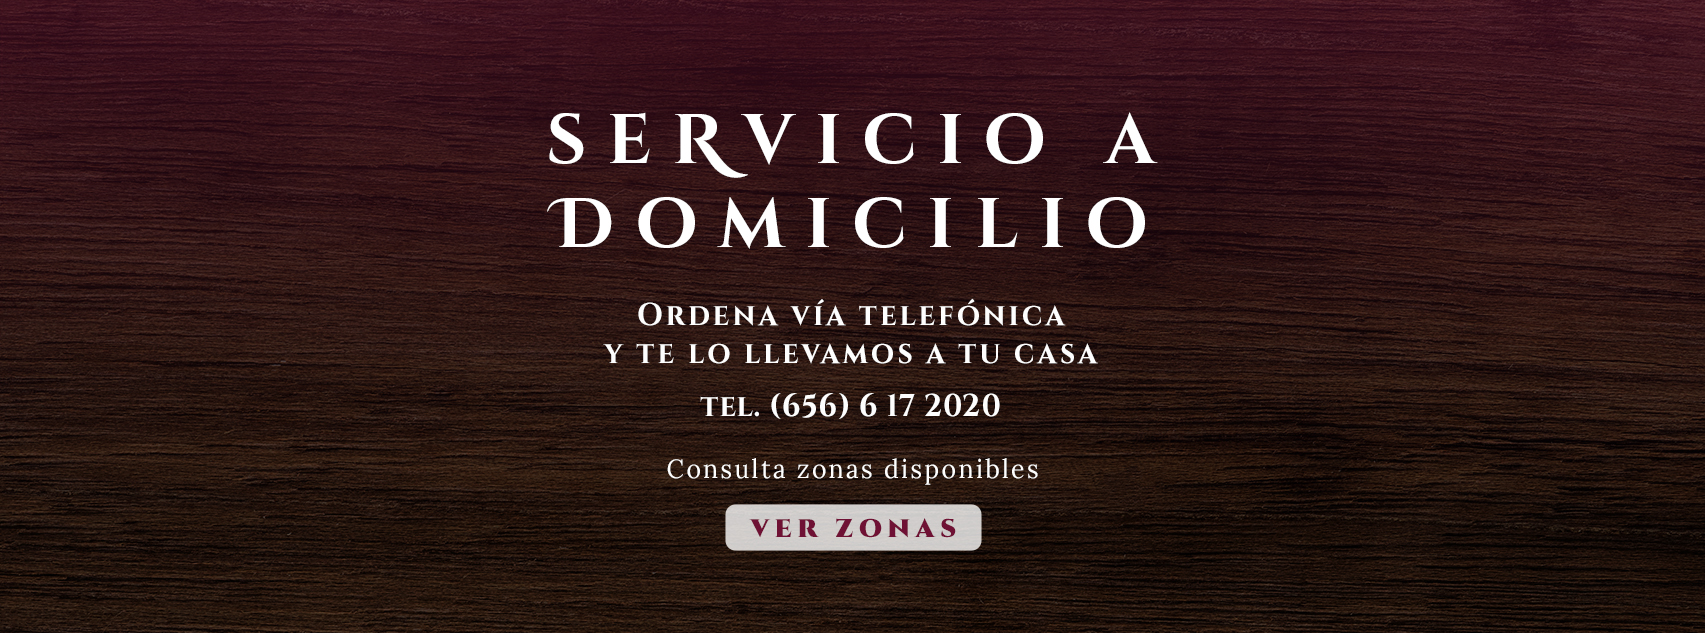 servicio_domicilio